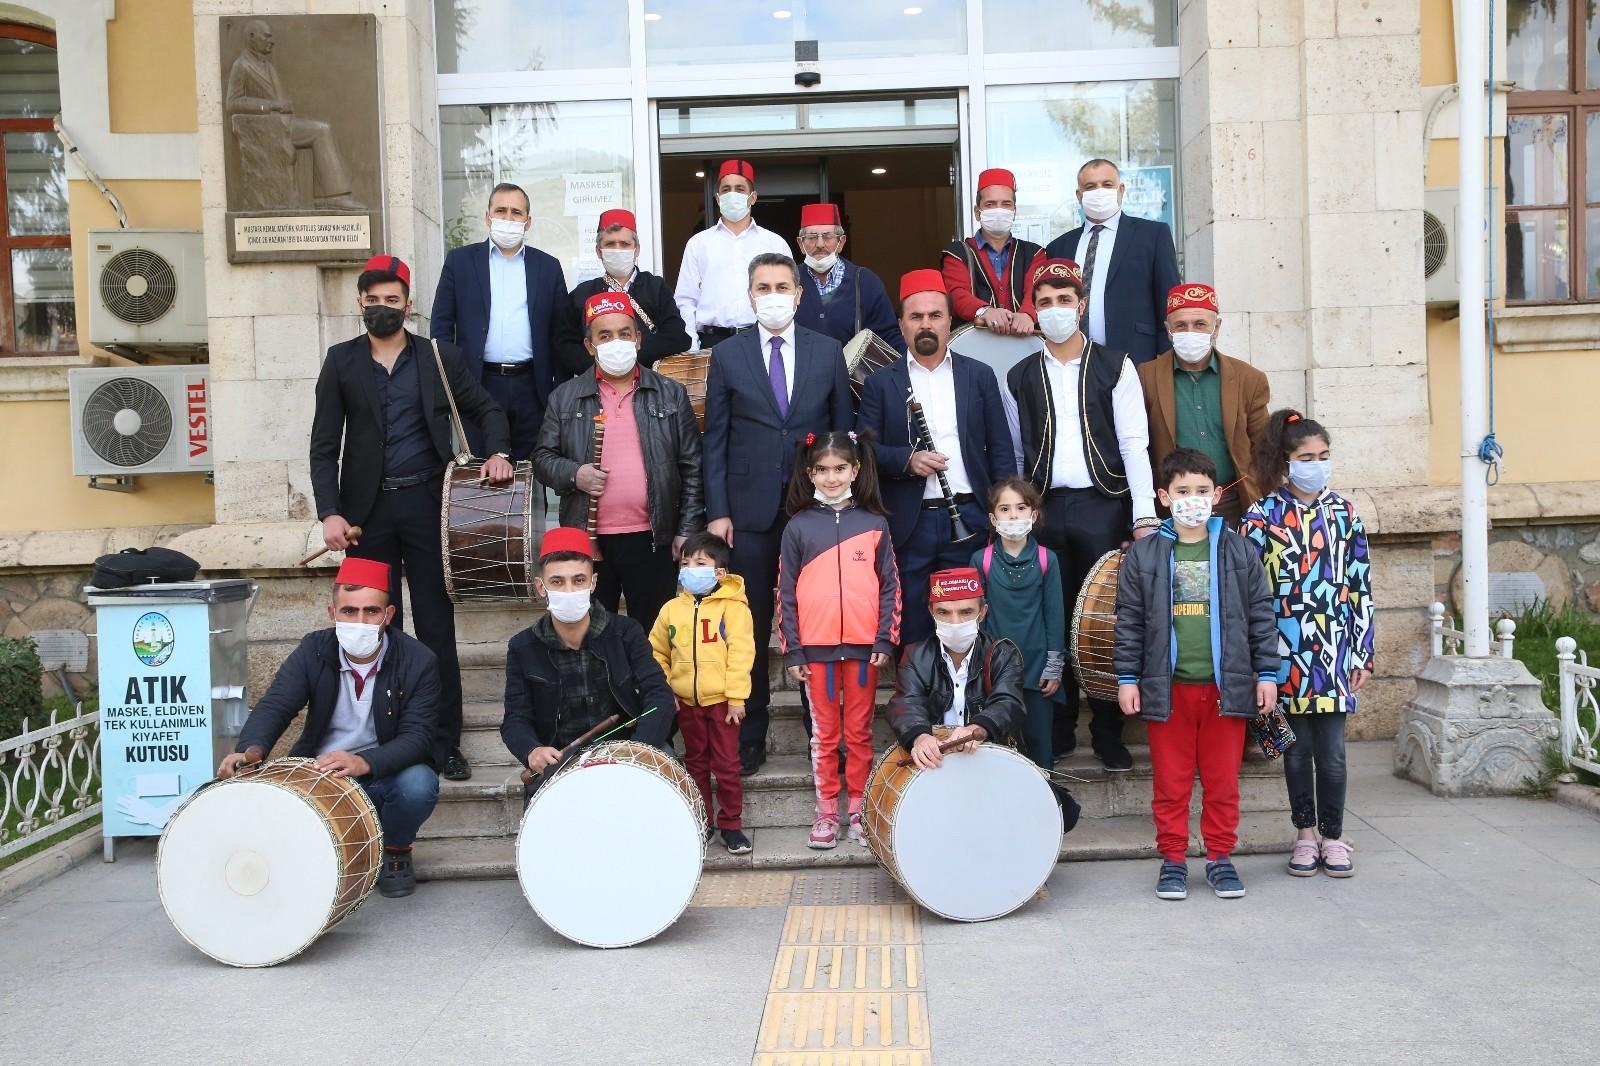 """Tokat'ta çocuklara """"ilk orucum"""" projesi kapsamında hediye verilecek"""